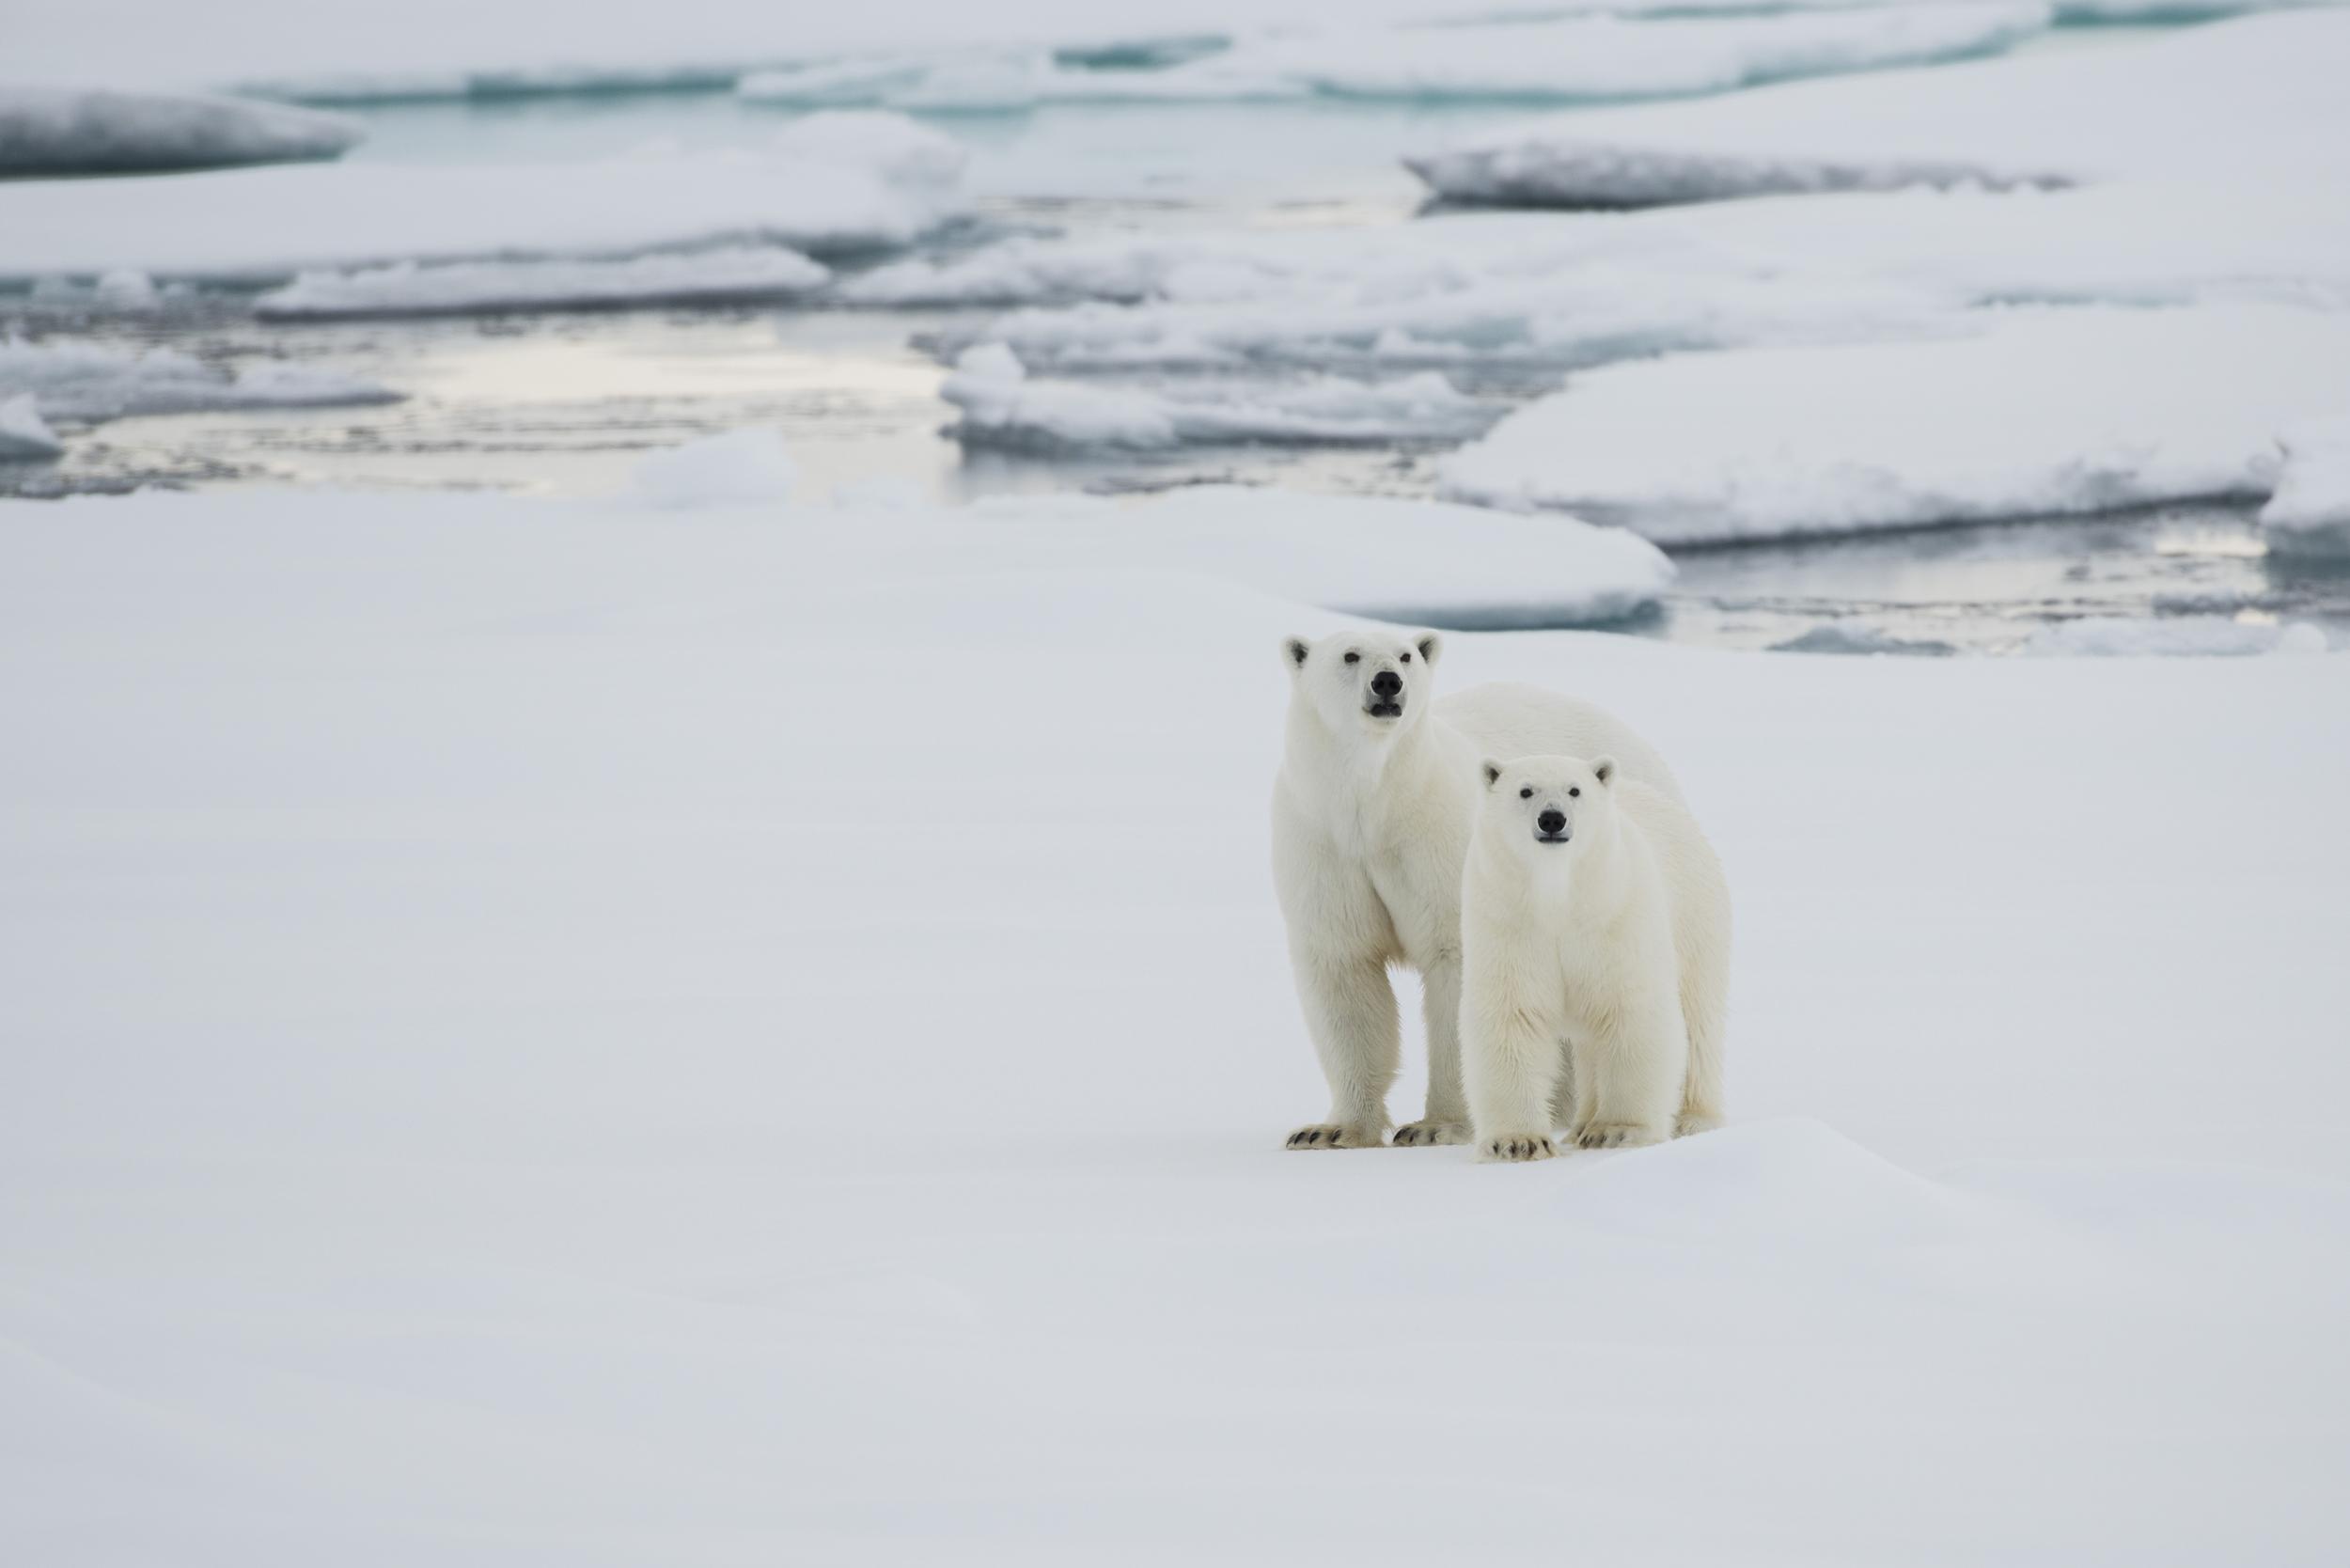 A polar bear and her cub on a snowy seascape